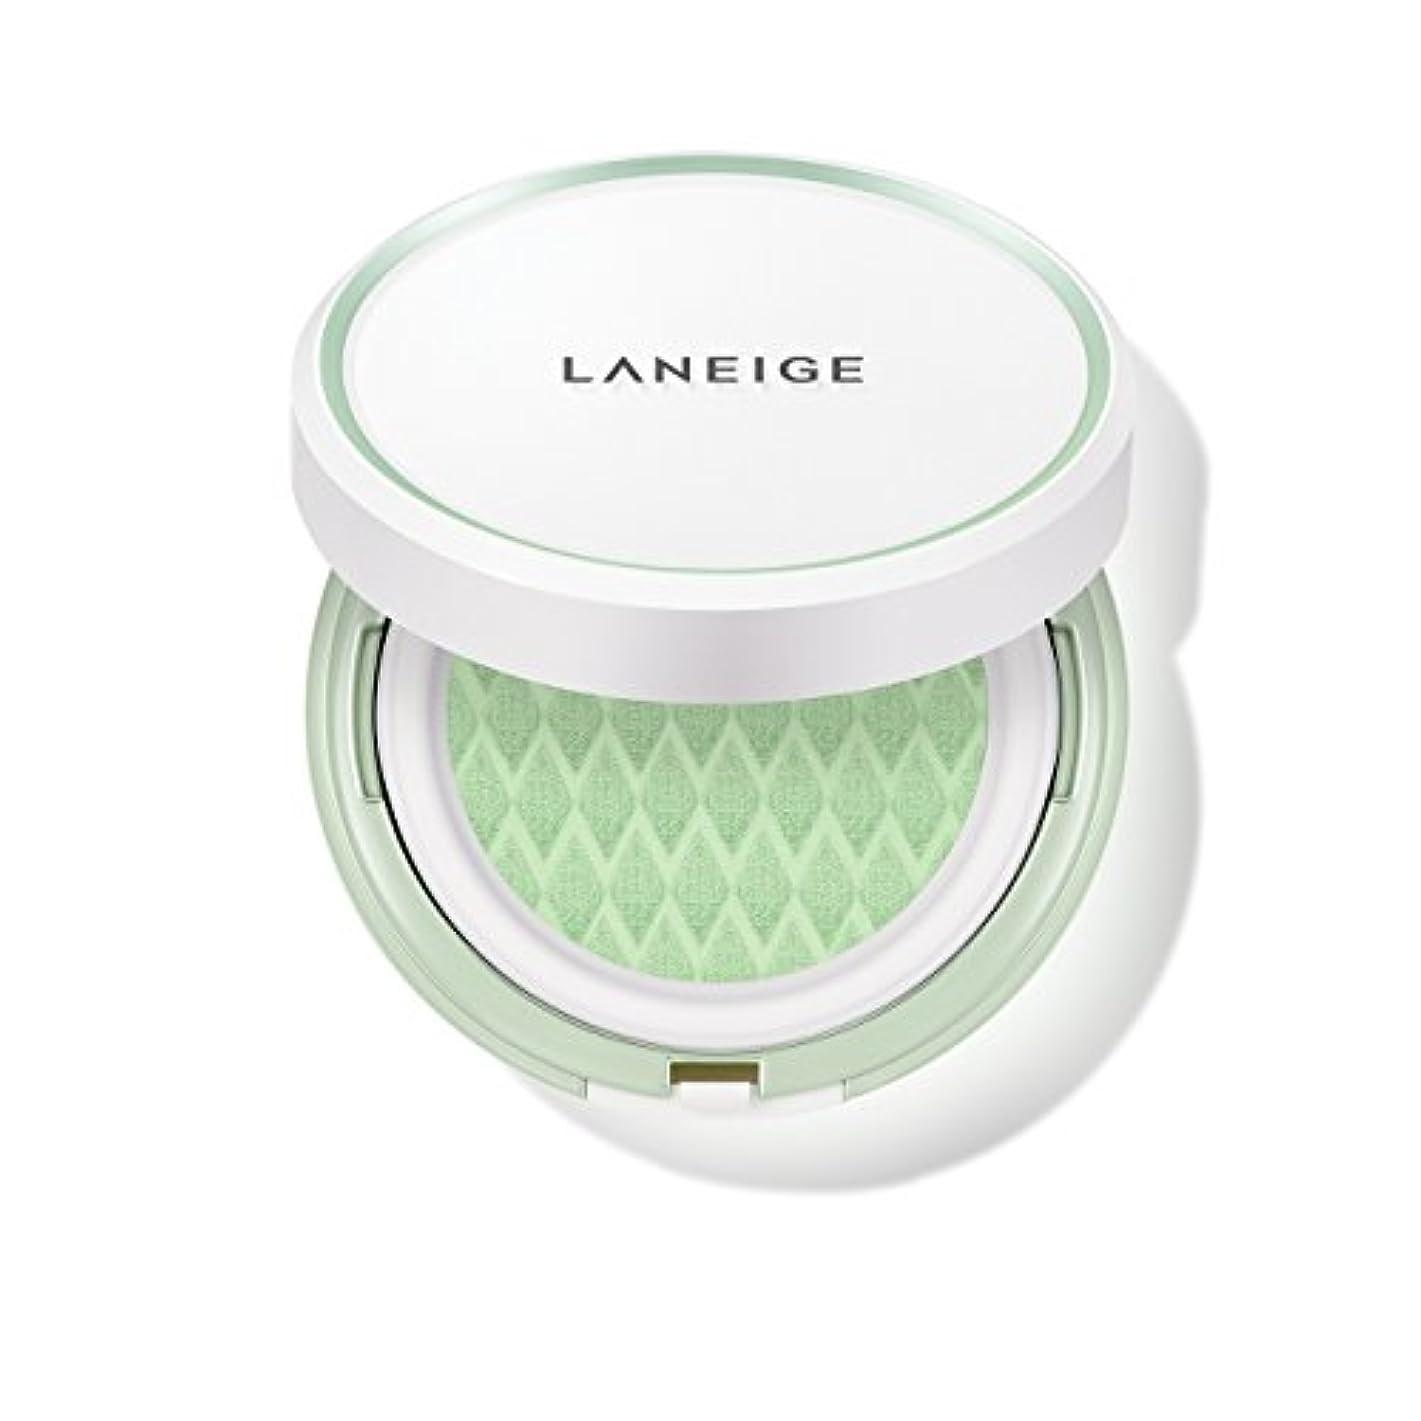 熱狂的な物理学者降ろすラネージュ[LANEIGE]*AMOREPACIFIC*[新商品]スキンベなベースクッションSPF 22PA++(#60 Light Green) 15g*2 / LANEIGE Skin Veil Base Cushion...